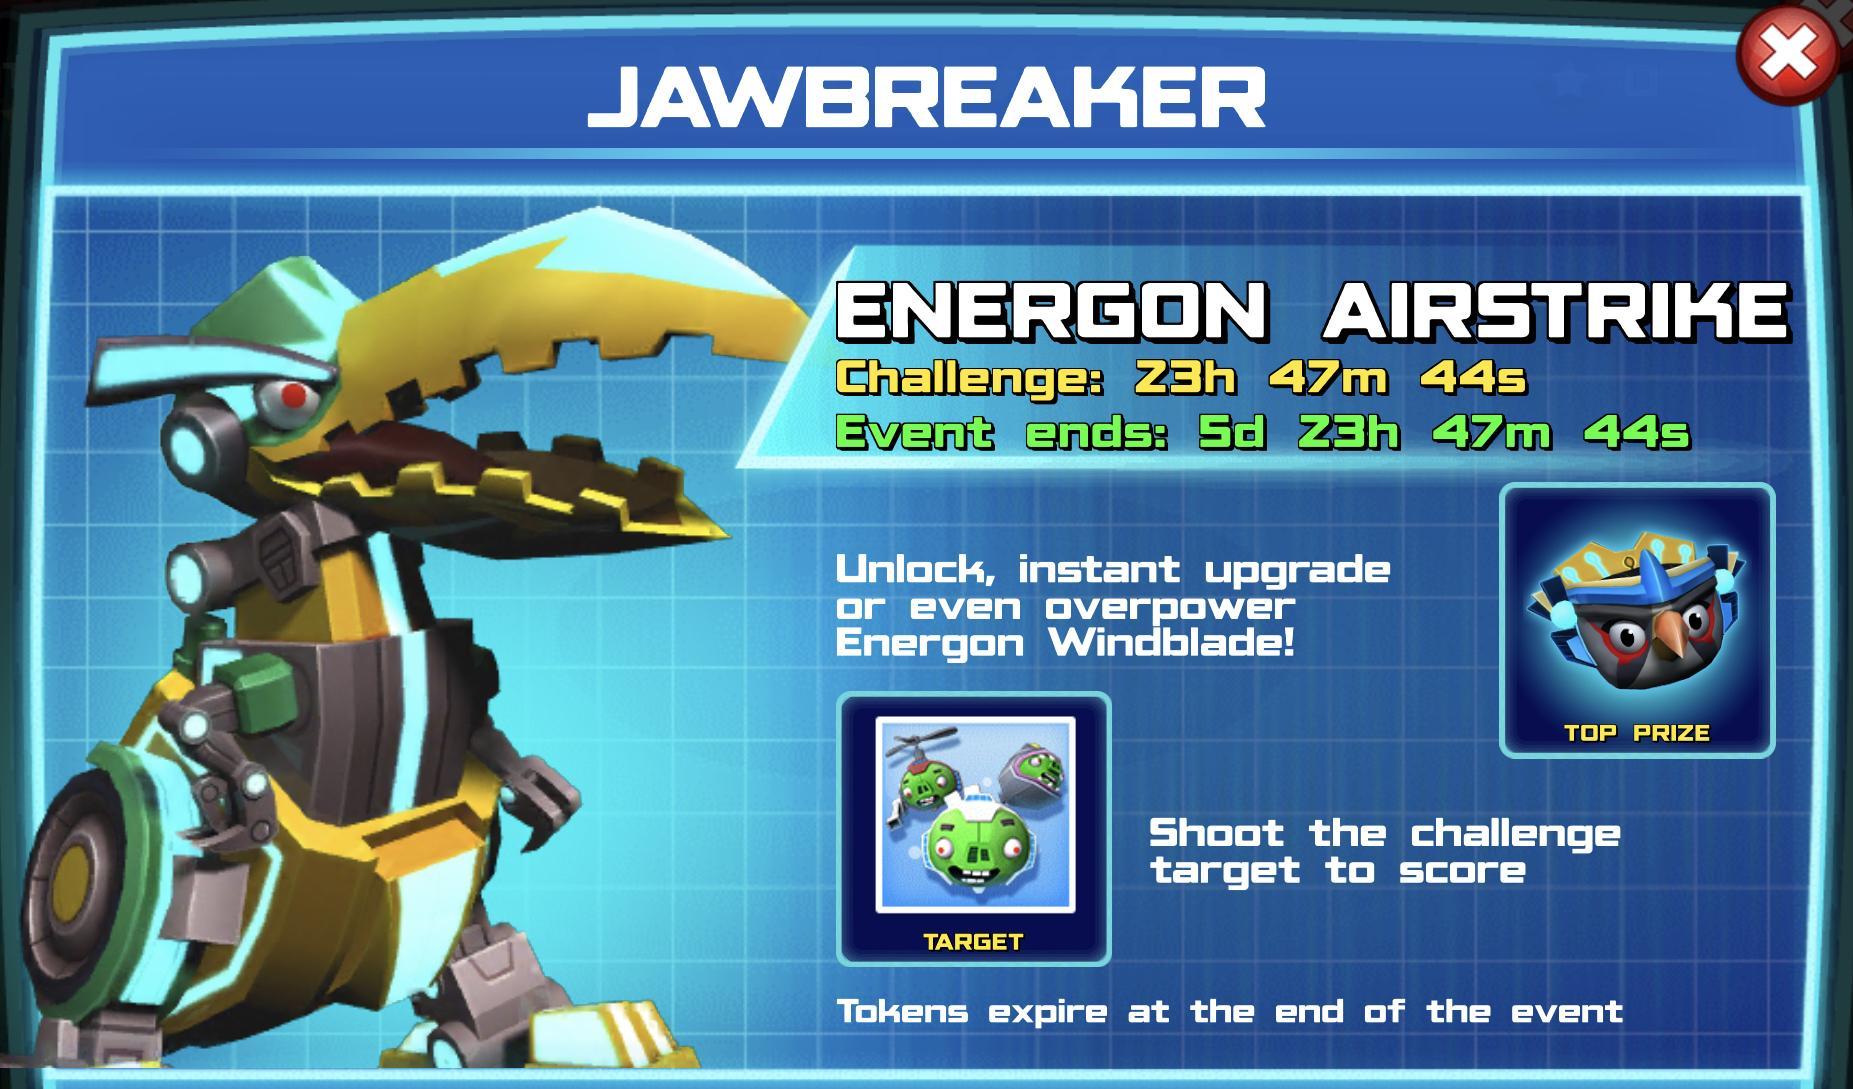 The event banner for Jawbreaker